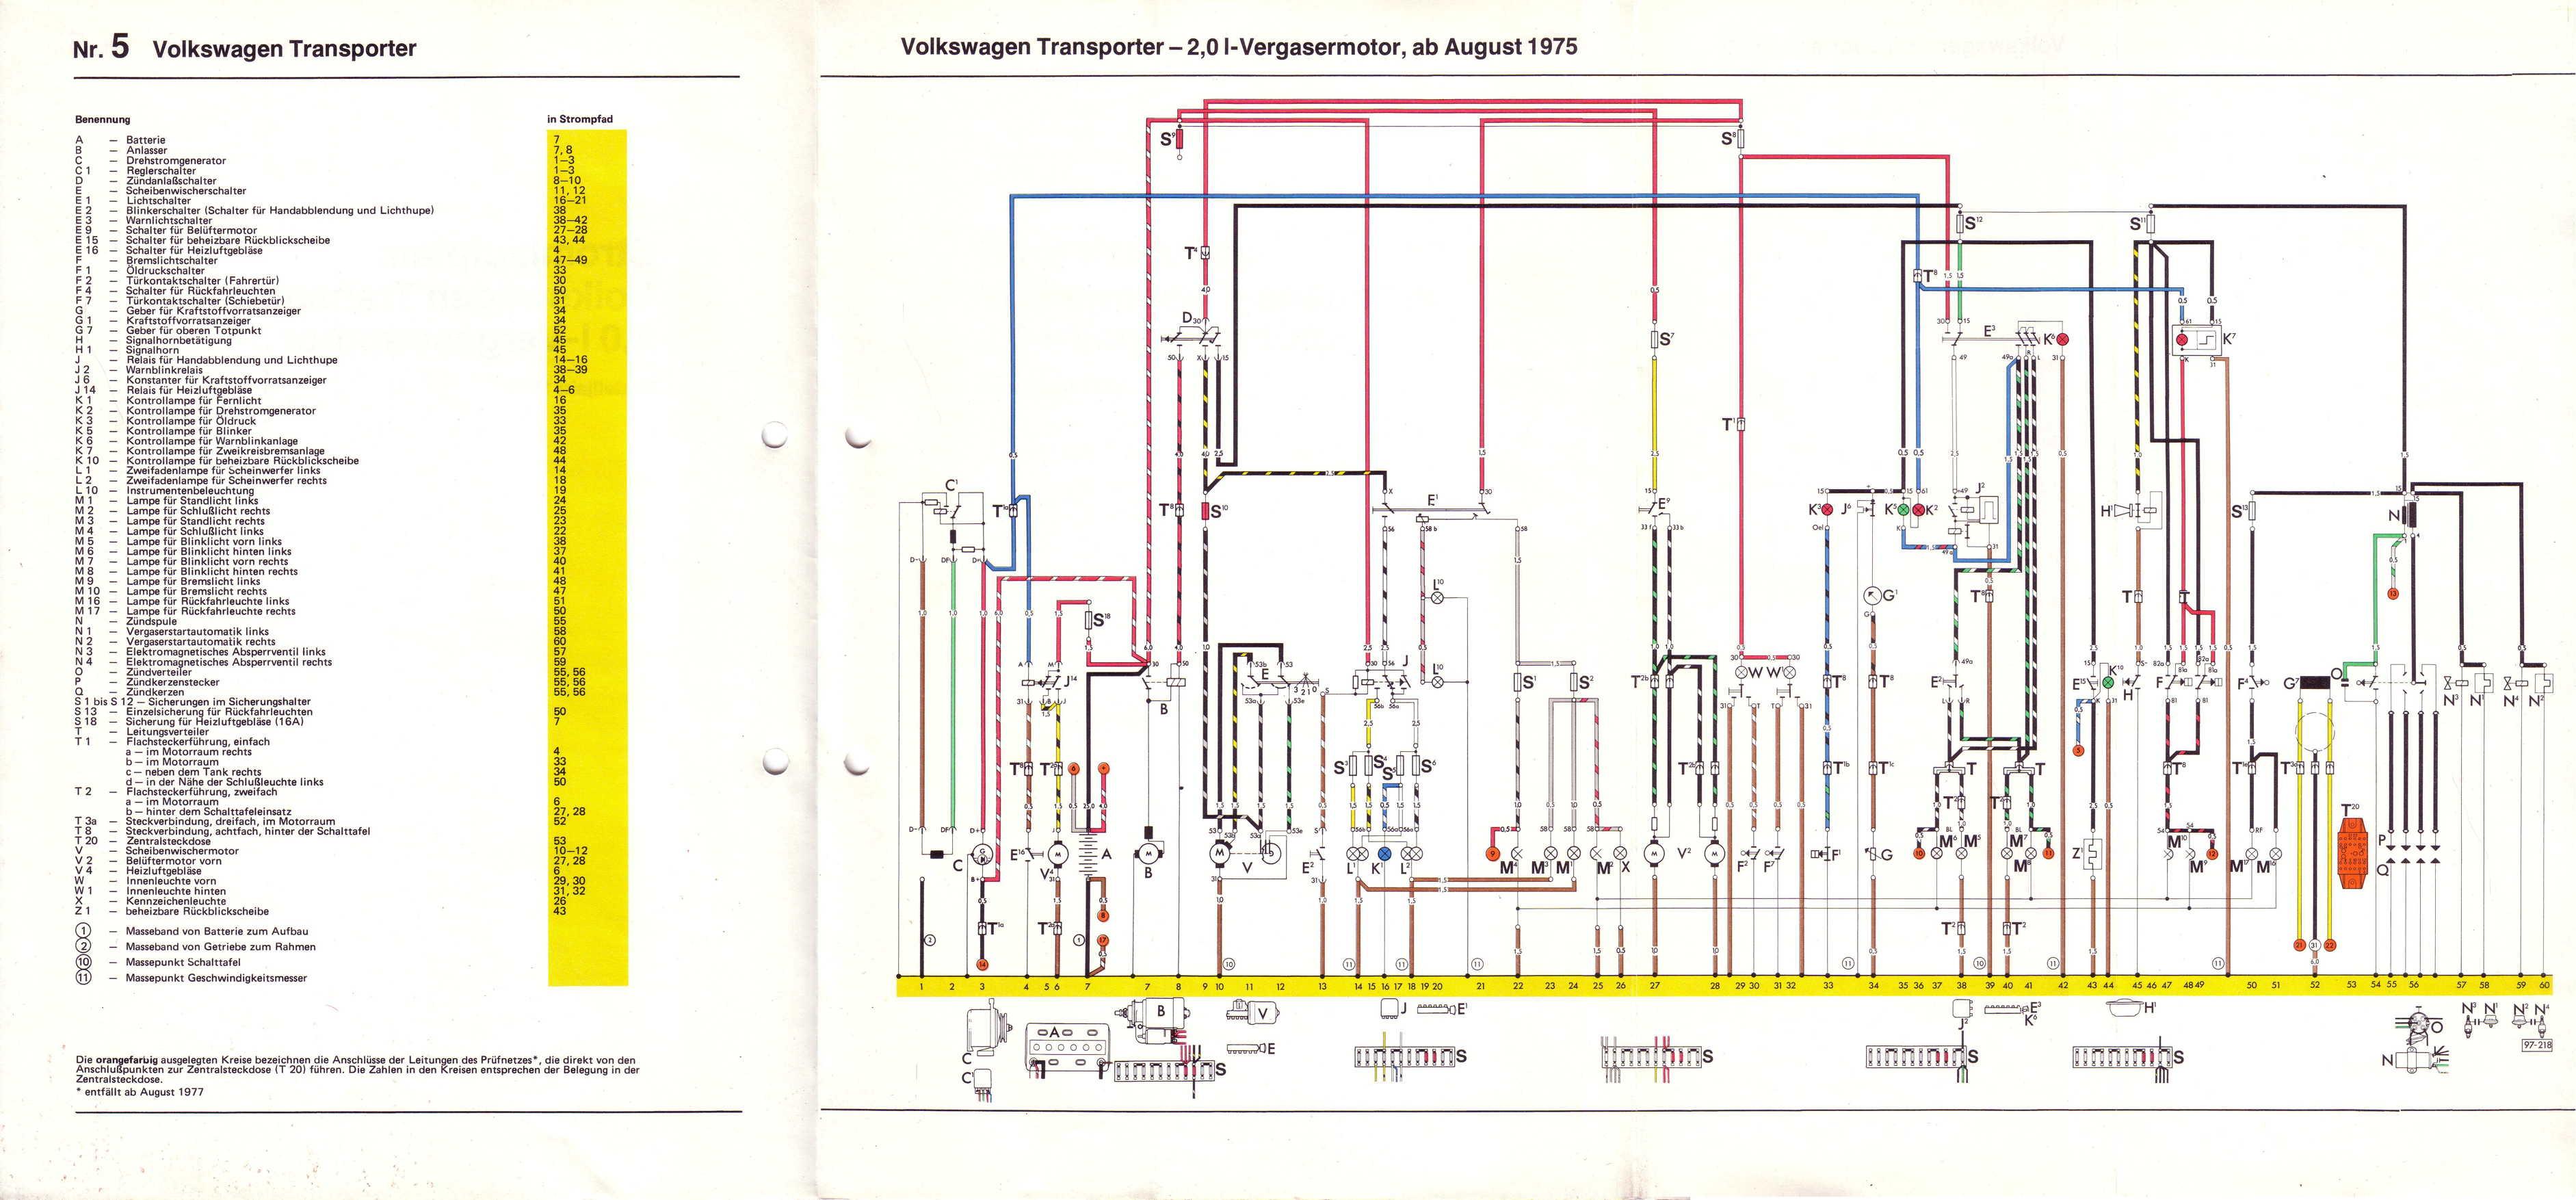 1967 volkswagen wiring diagram honda goldwing 1800 radio baduras t2-bulli seite - stromlaufpläne